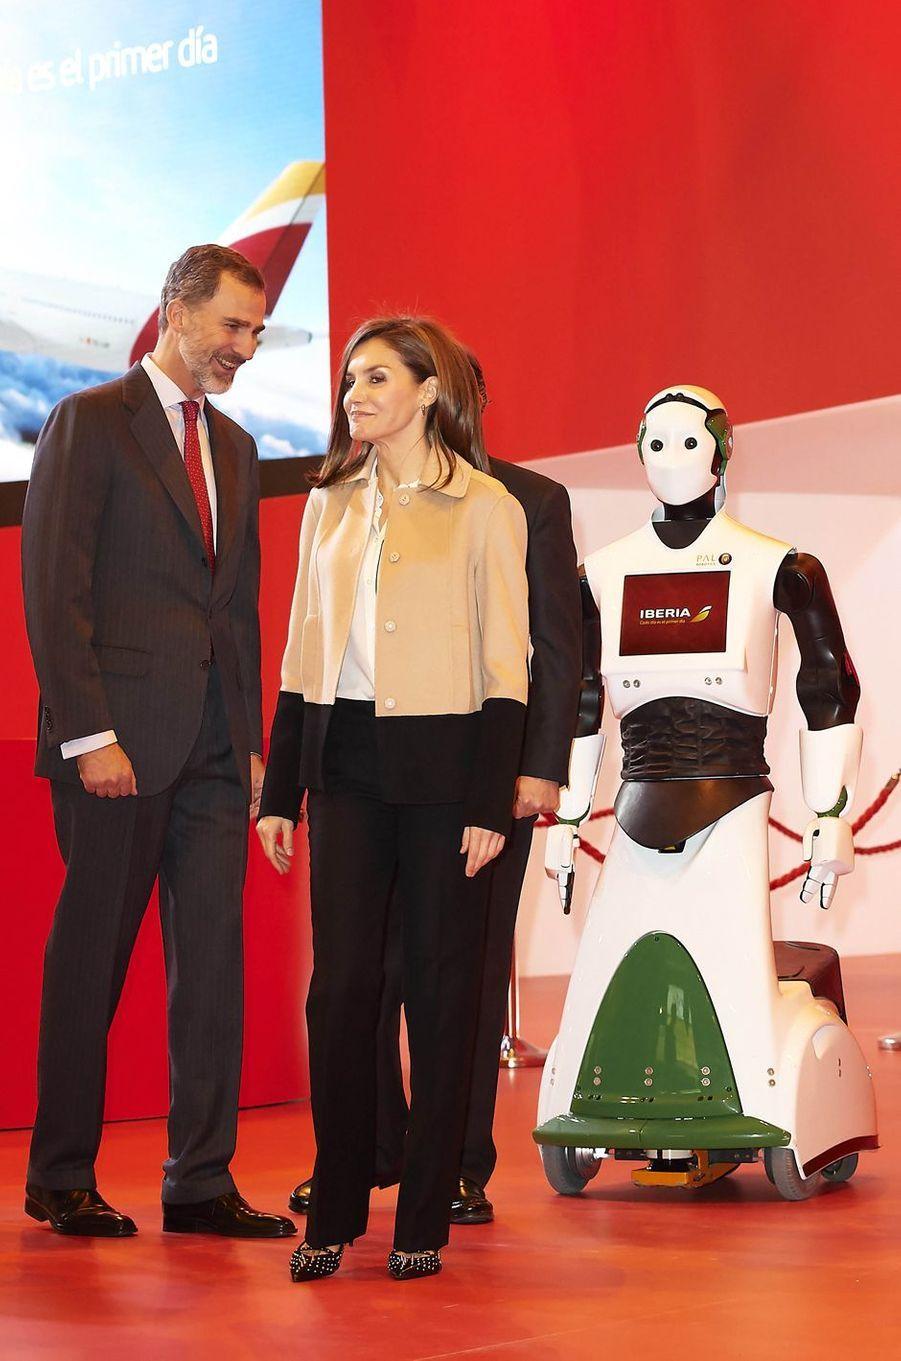 La reine Letizia et le roi Felipe VI d'Espagne à Madrid, le 17 janvier 2018